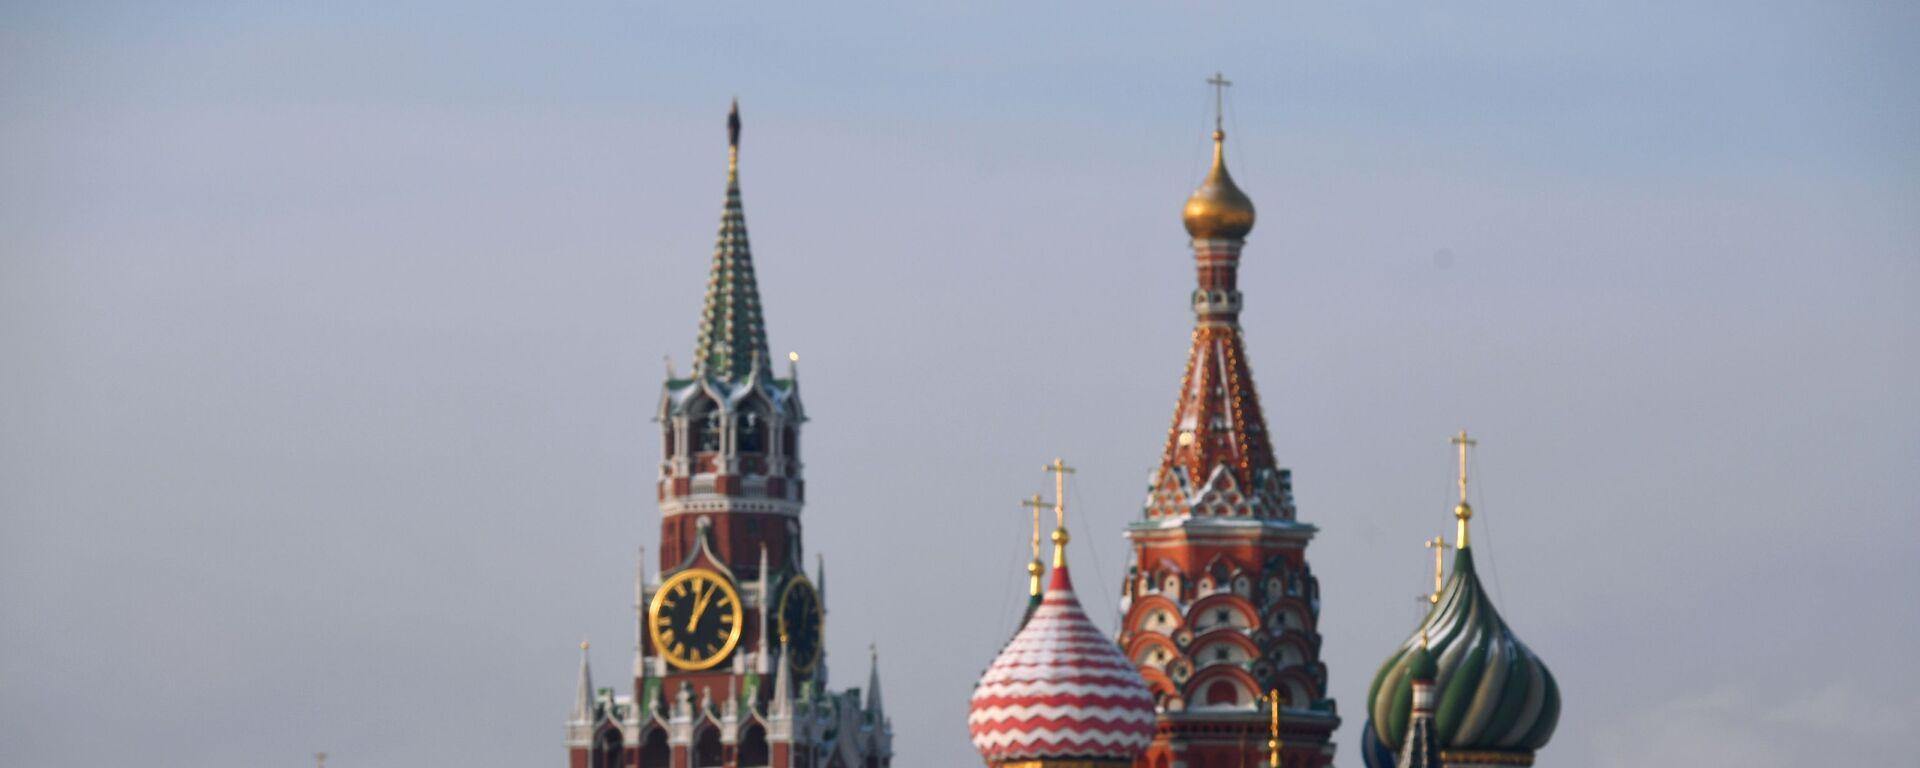 Chrám Vasila Blaženého a Spasská věž Kremlu - Sputnik Česká republika, 1920, 09.03.2021